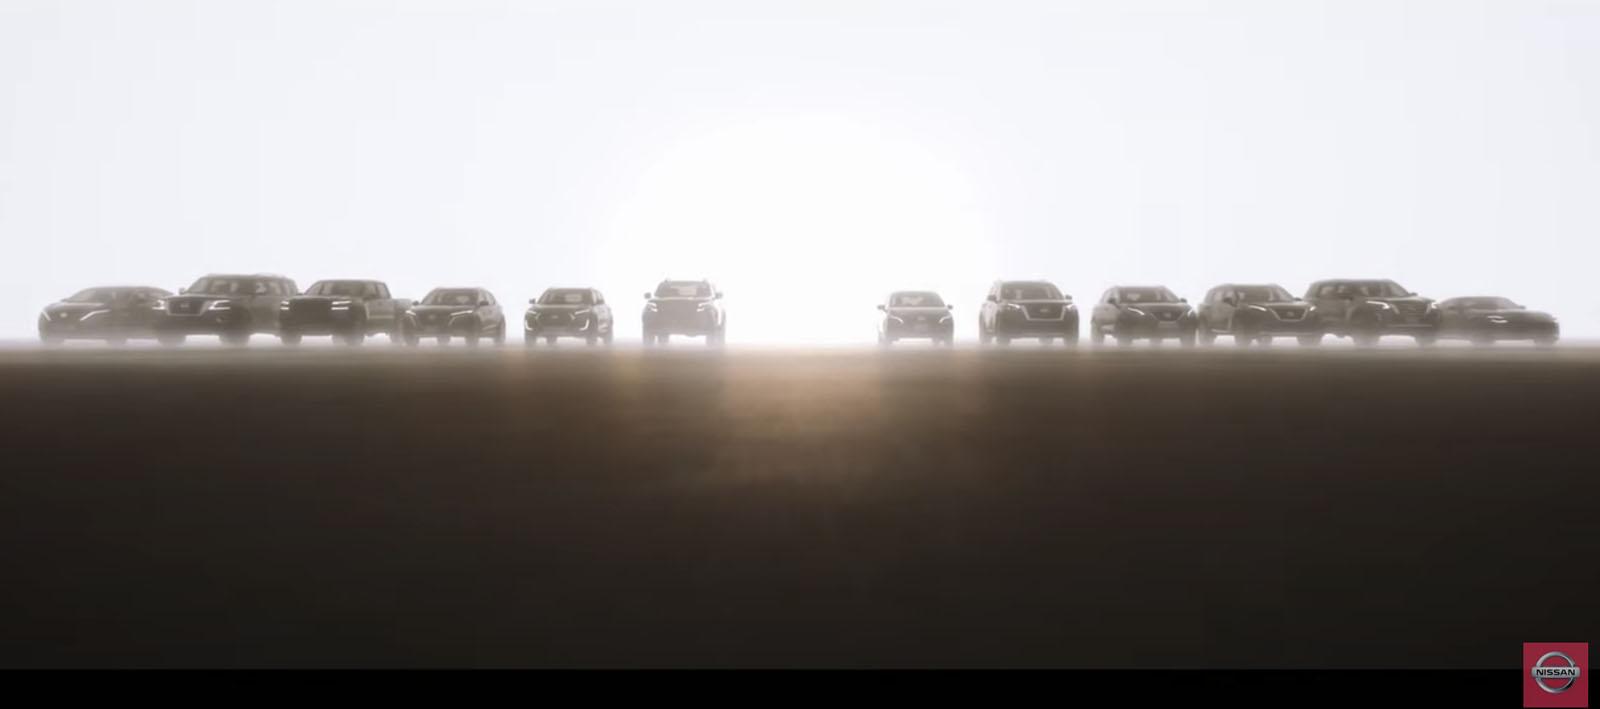 Nissan New vehicle teased